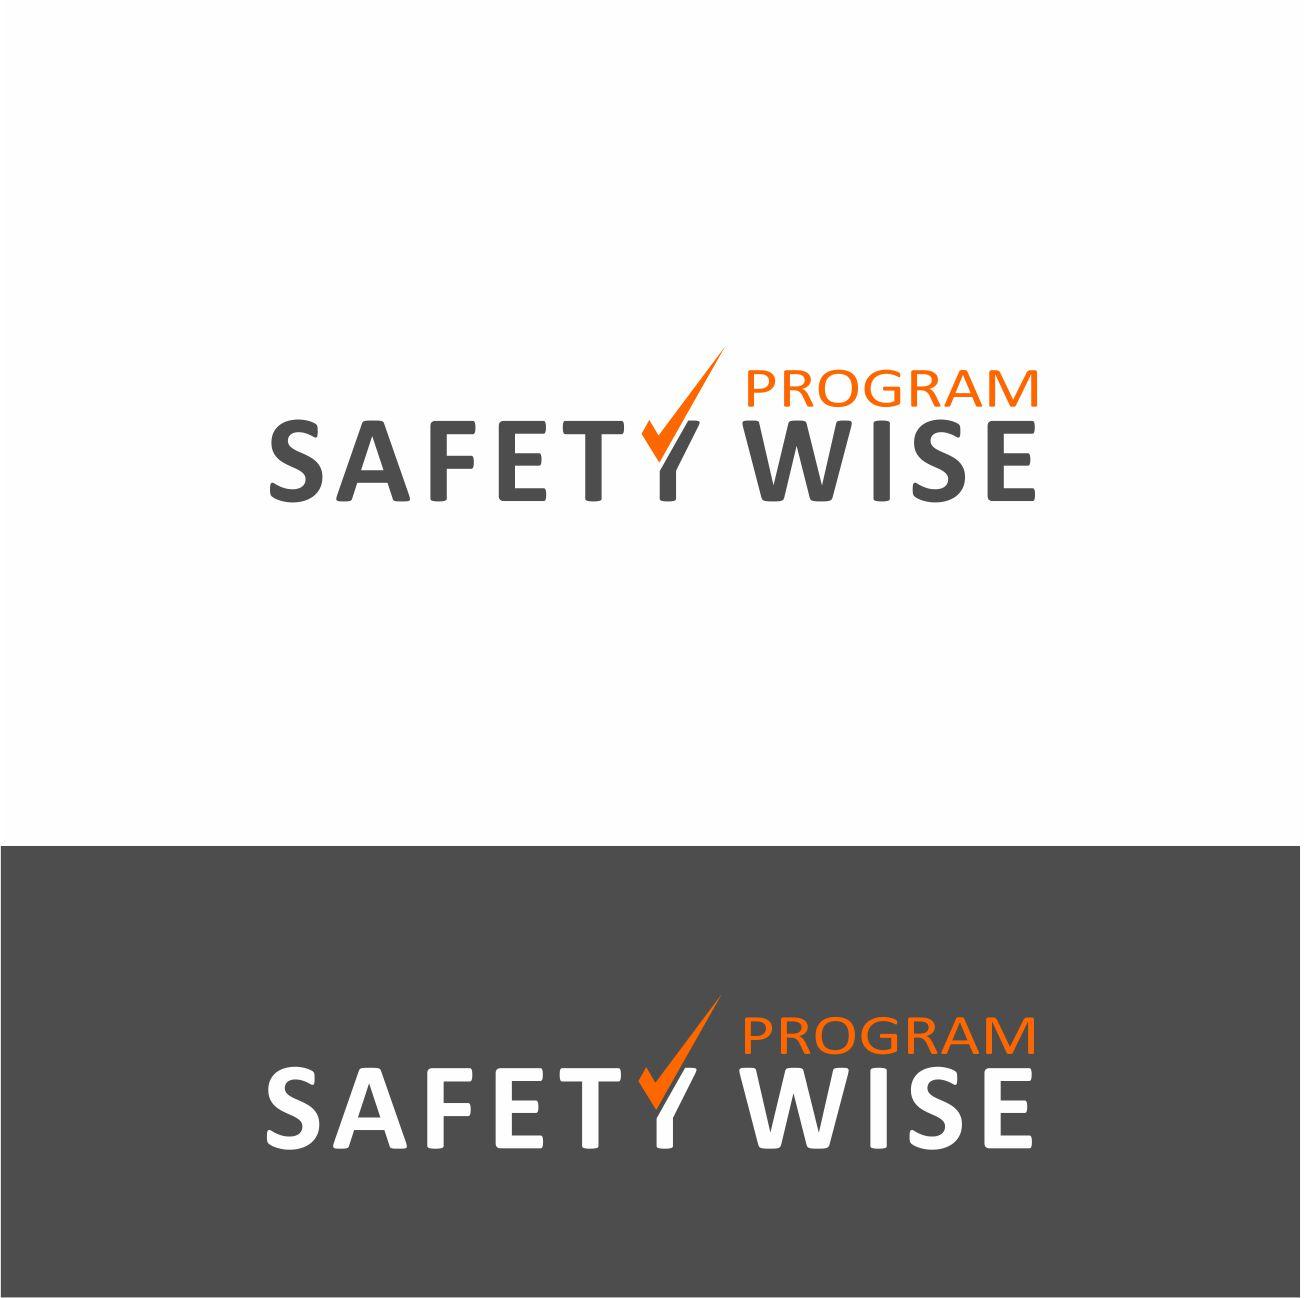 Logo Design by RasYa Muhammad Athaya - Entry No. 153 in the Logo Design Contest New Logo Design for Safety Wise Program.